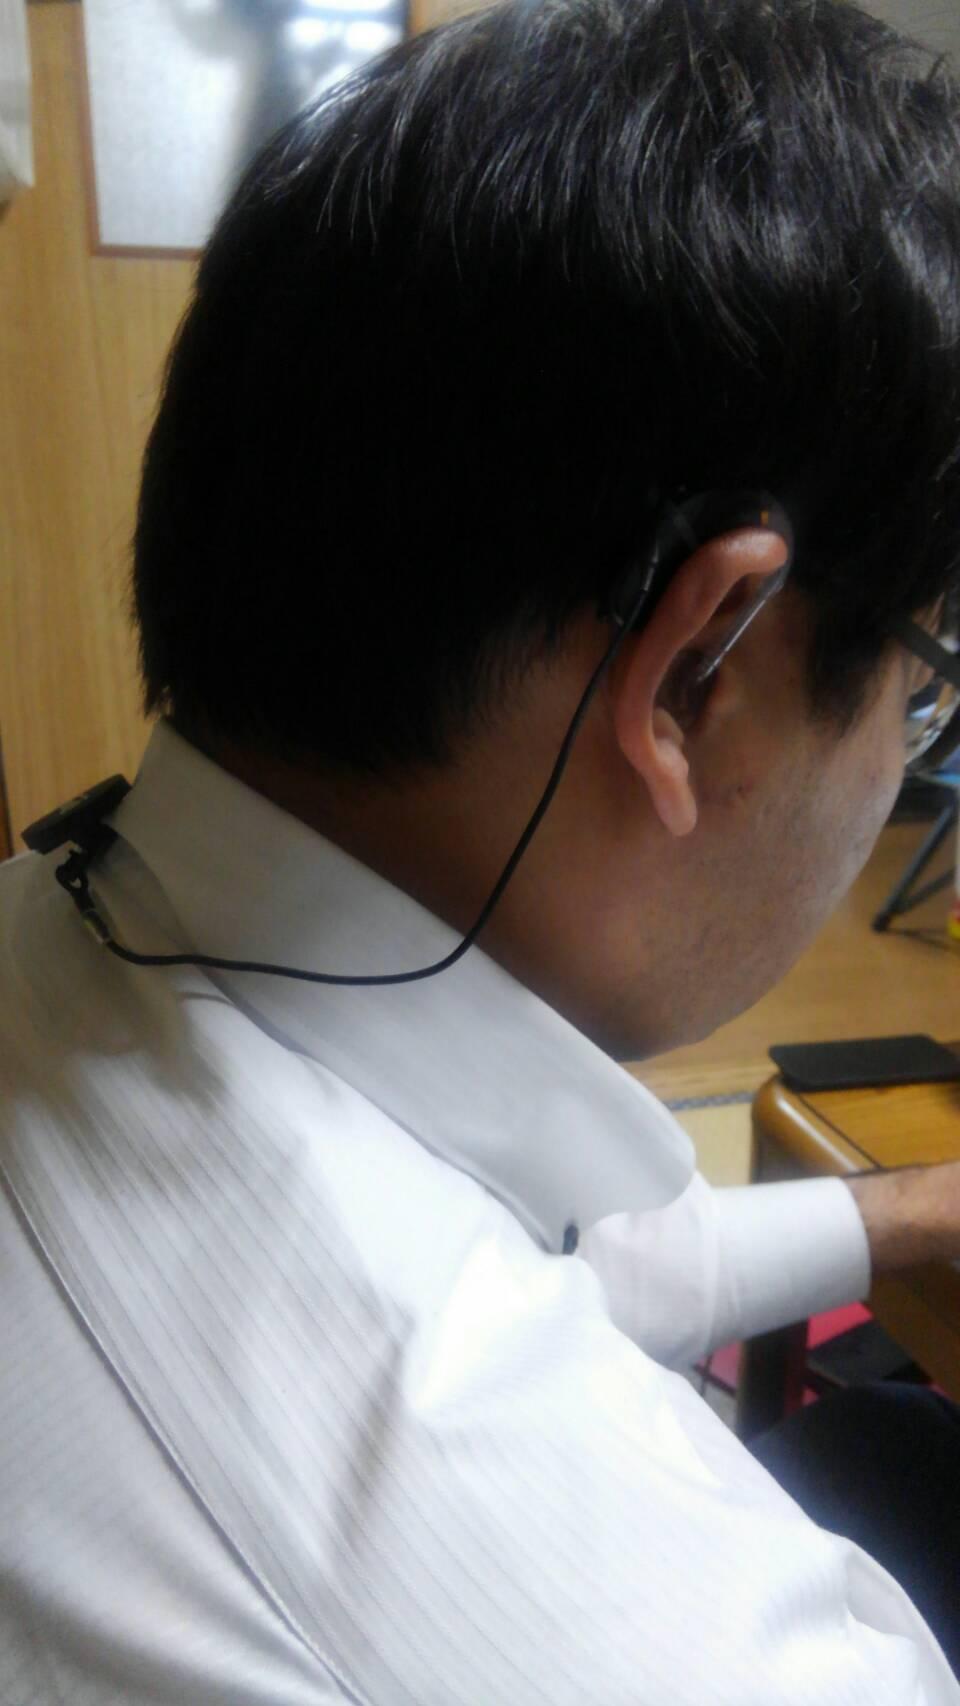 補聴器を紛失して補聴器に紐が生えたお話